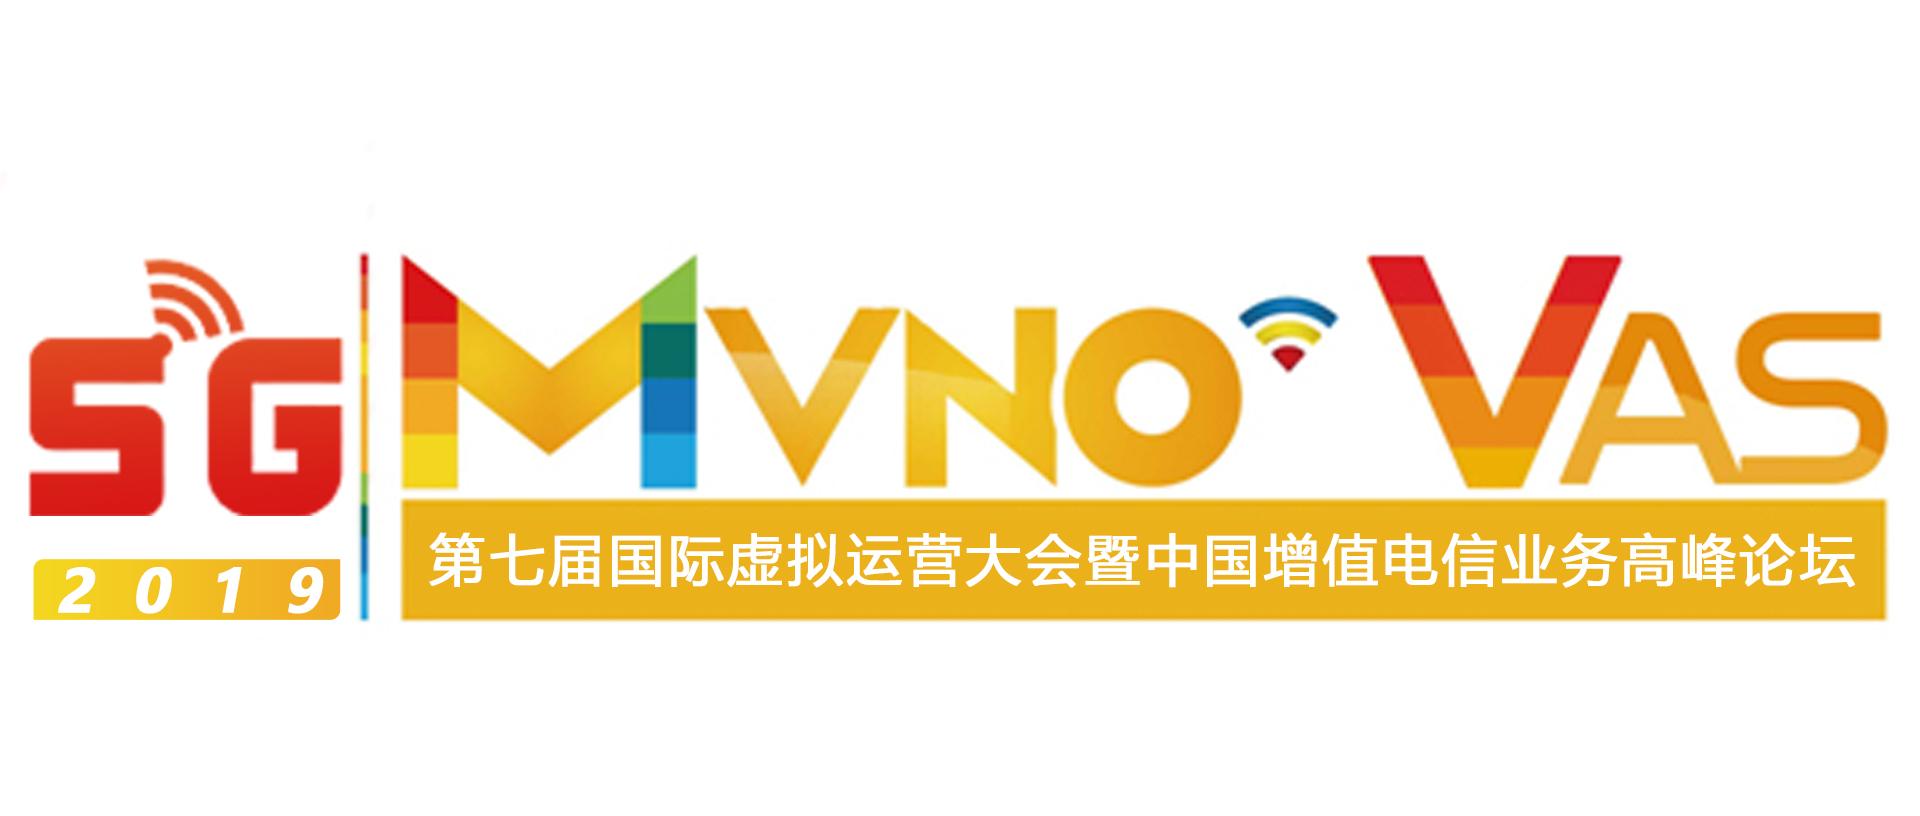 2019国际虚拟运营大会第四批top40参会企业名单曝光!!